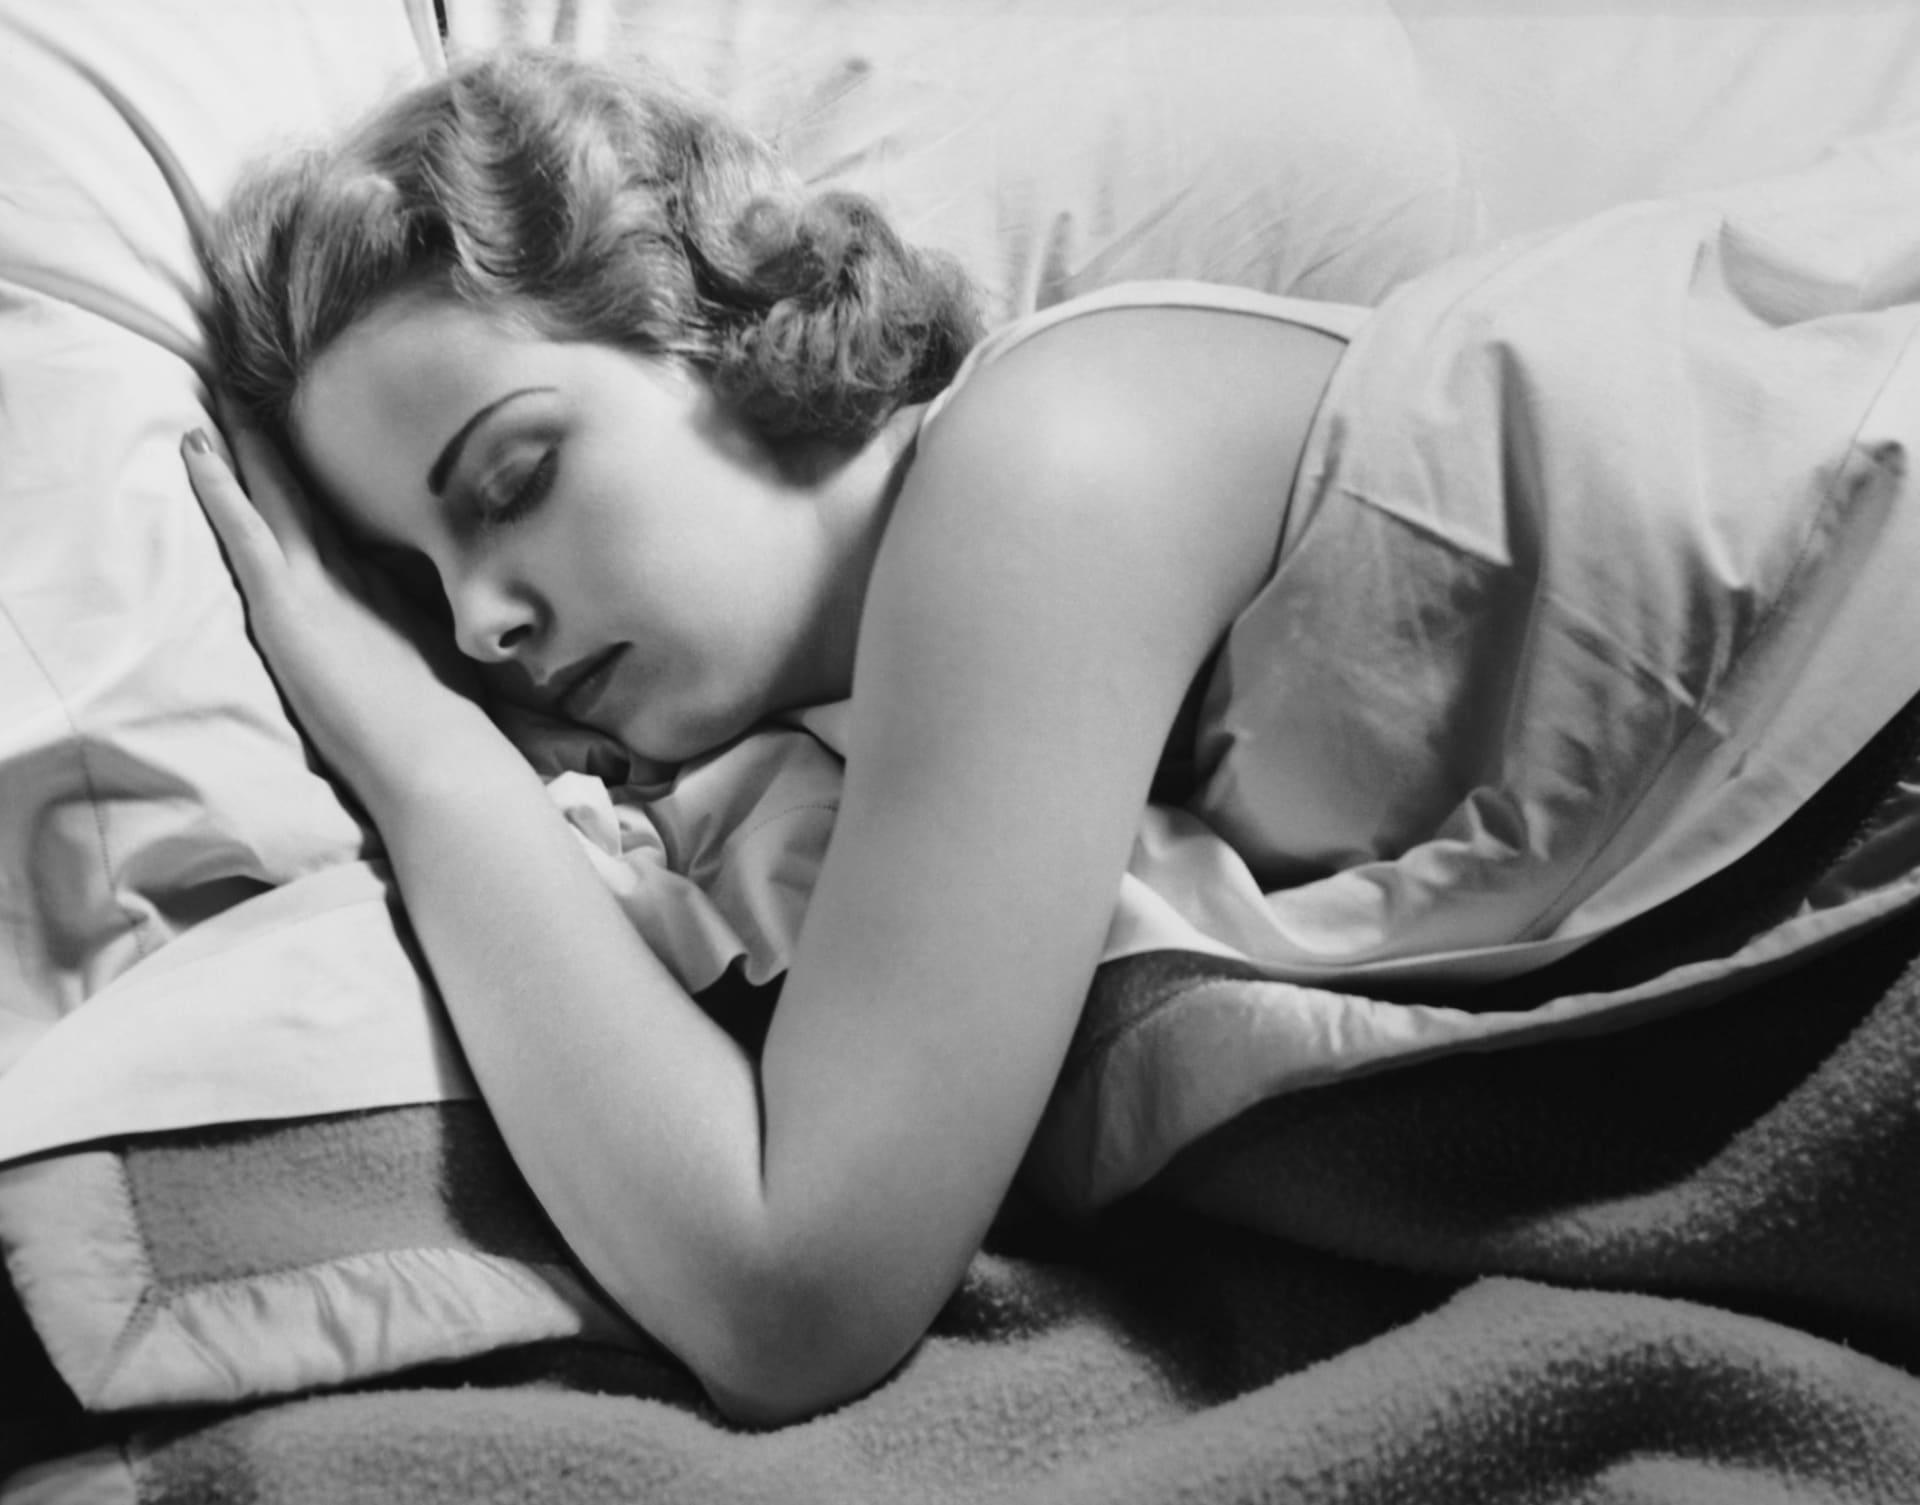 هل تعاني من الأرق أو الاستيقاظ من النوم ليلاً؟ اتبع هذه النصائح البسيطة